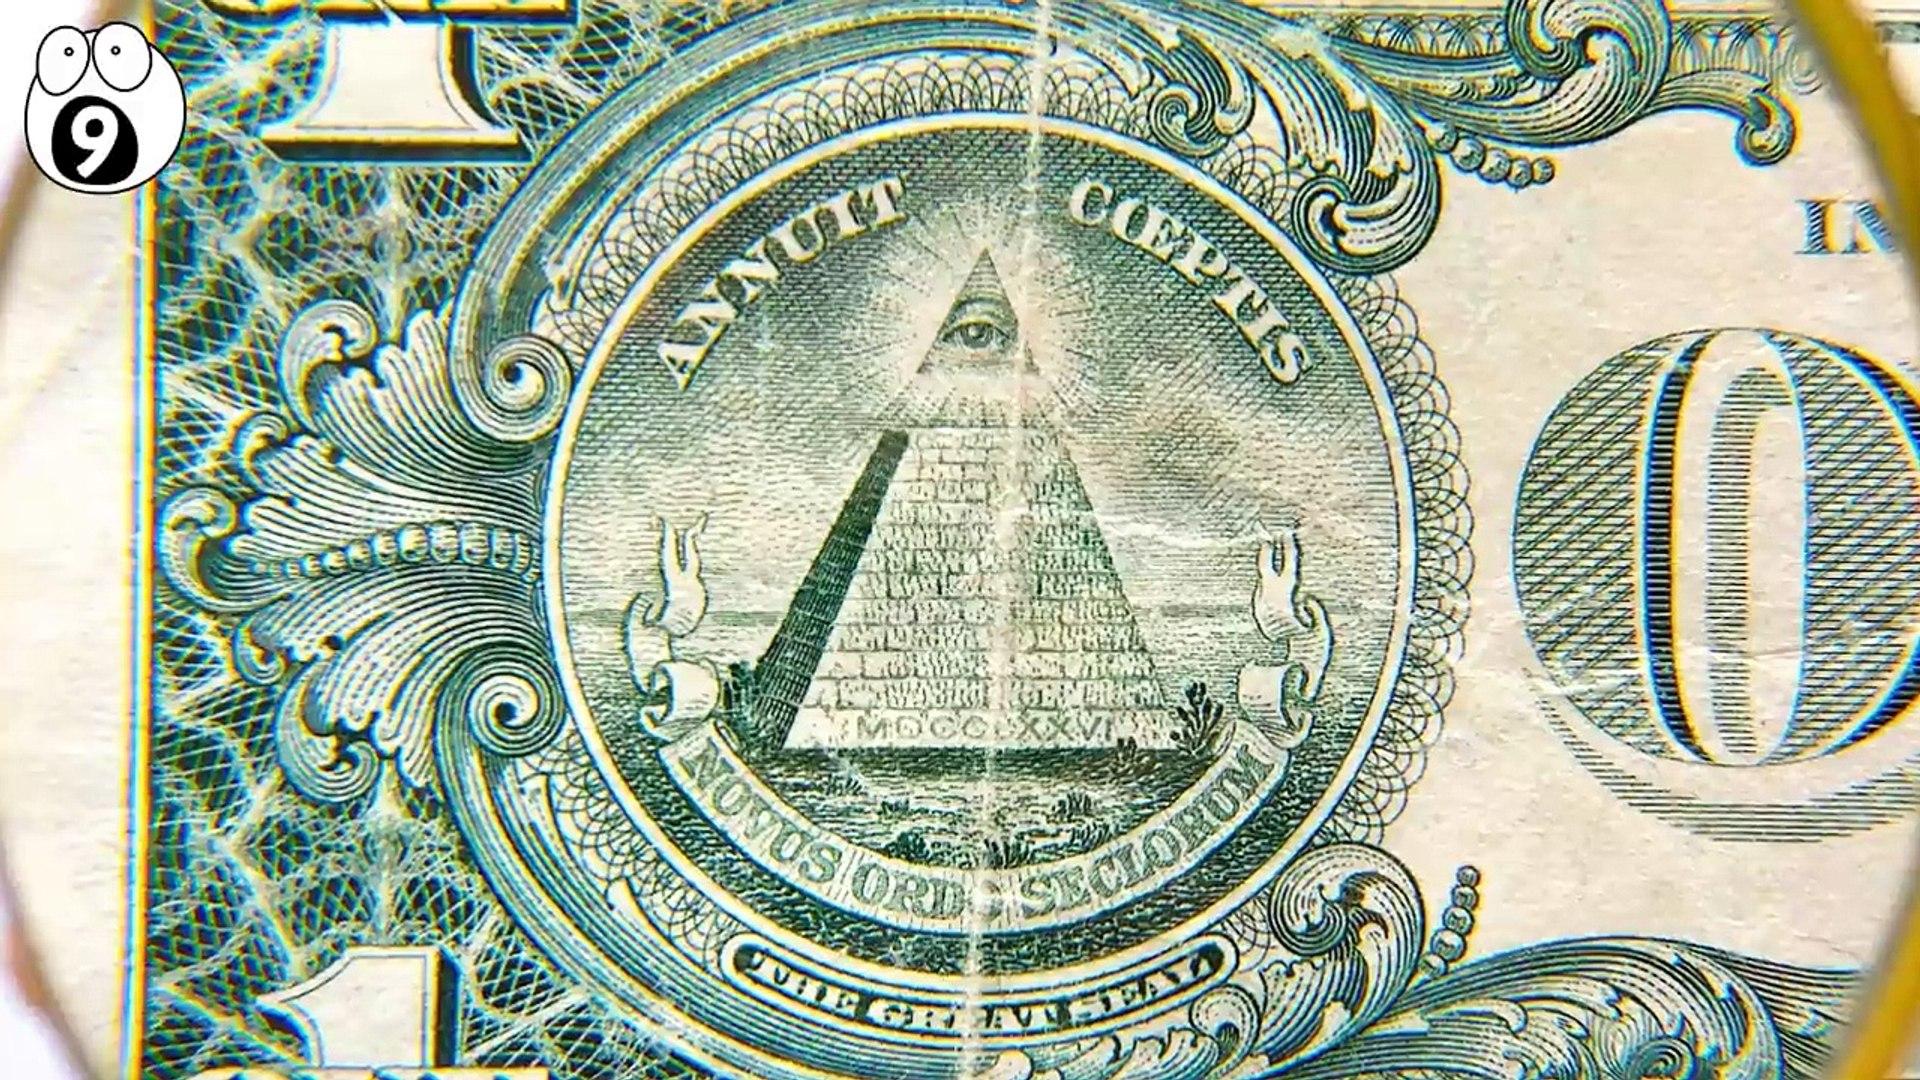 Top 10 Conspiracies Hidden in Secret on Dollar Bills